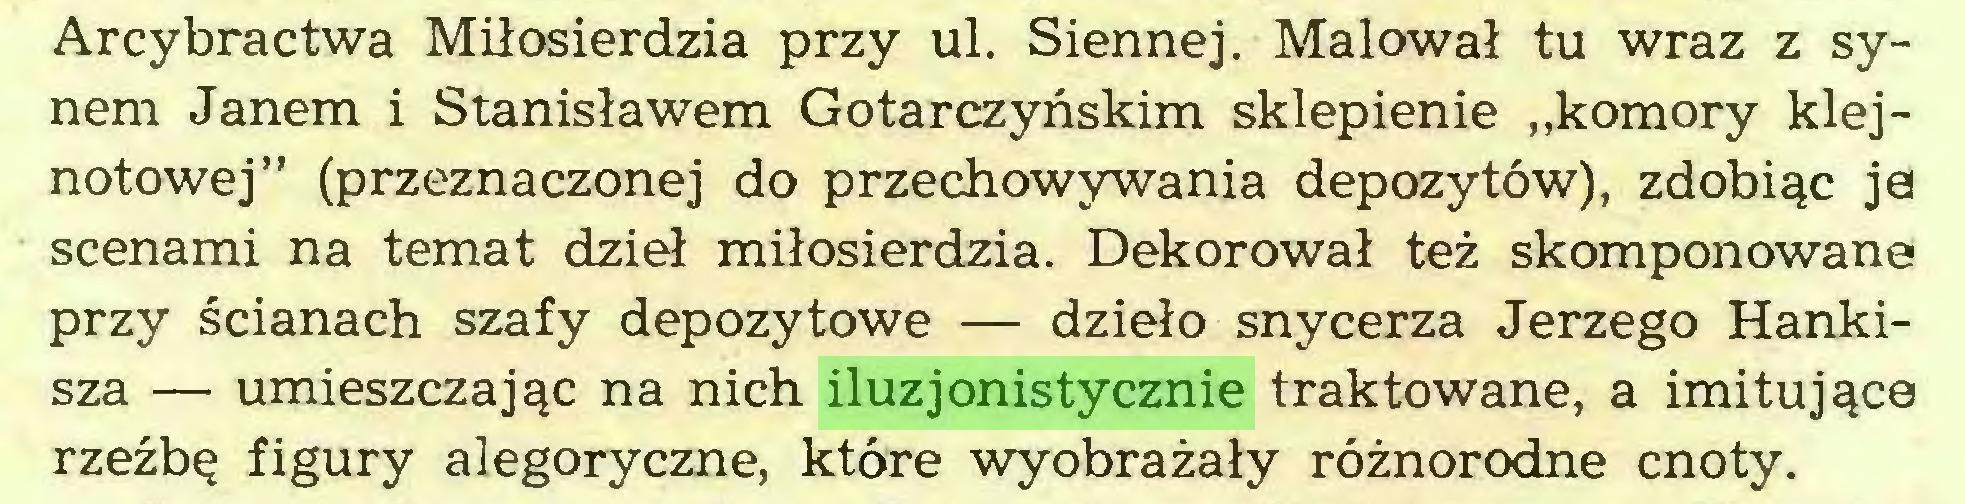 """(...) Arcybractwa Miłosierdzia przy ul. Siennej. Malował tu wraz z synem Janem i Stanisławem Gotarczyńskim sklepienie """"komory klejnotowej"""" (przeznaczonej do przechowywania depozytów), zdobiąc ja scenami na temat dzieł miłosierdzia. Dekorował też skomponowane przy ścianach szafy depozytowe — dzieło snycerza Jerzego Hankisza — umieszczając na nich iluzjonistycznie traktowane, a imitujące rzeźbę figury alegoryczne, które wyobrażały różnorodne cnoty..."""